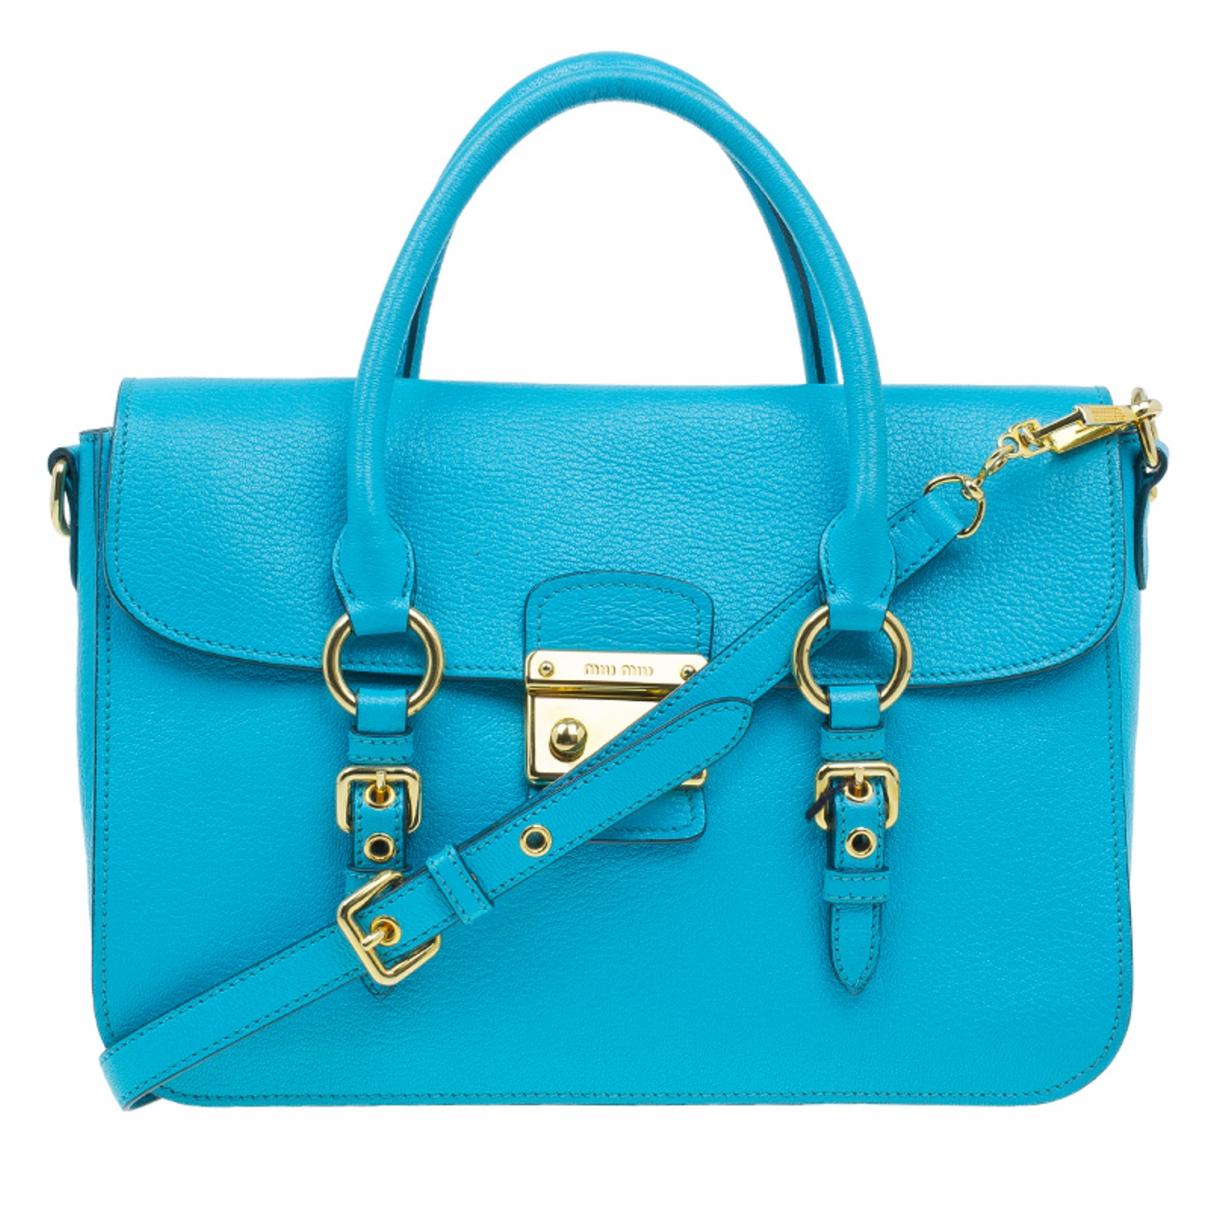 Miu Miu Madras Handtasche in  Blau Leder